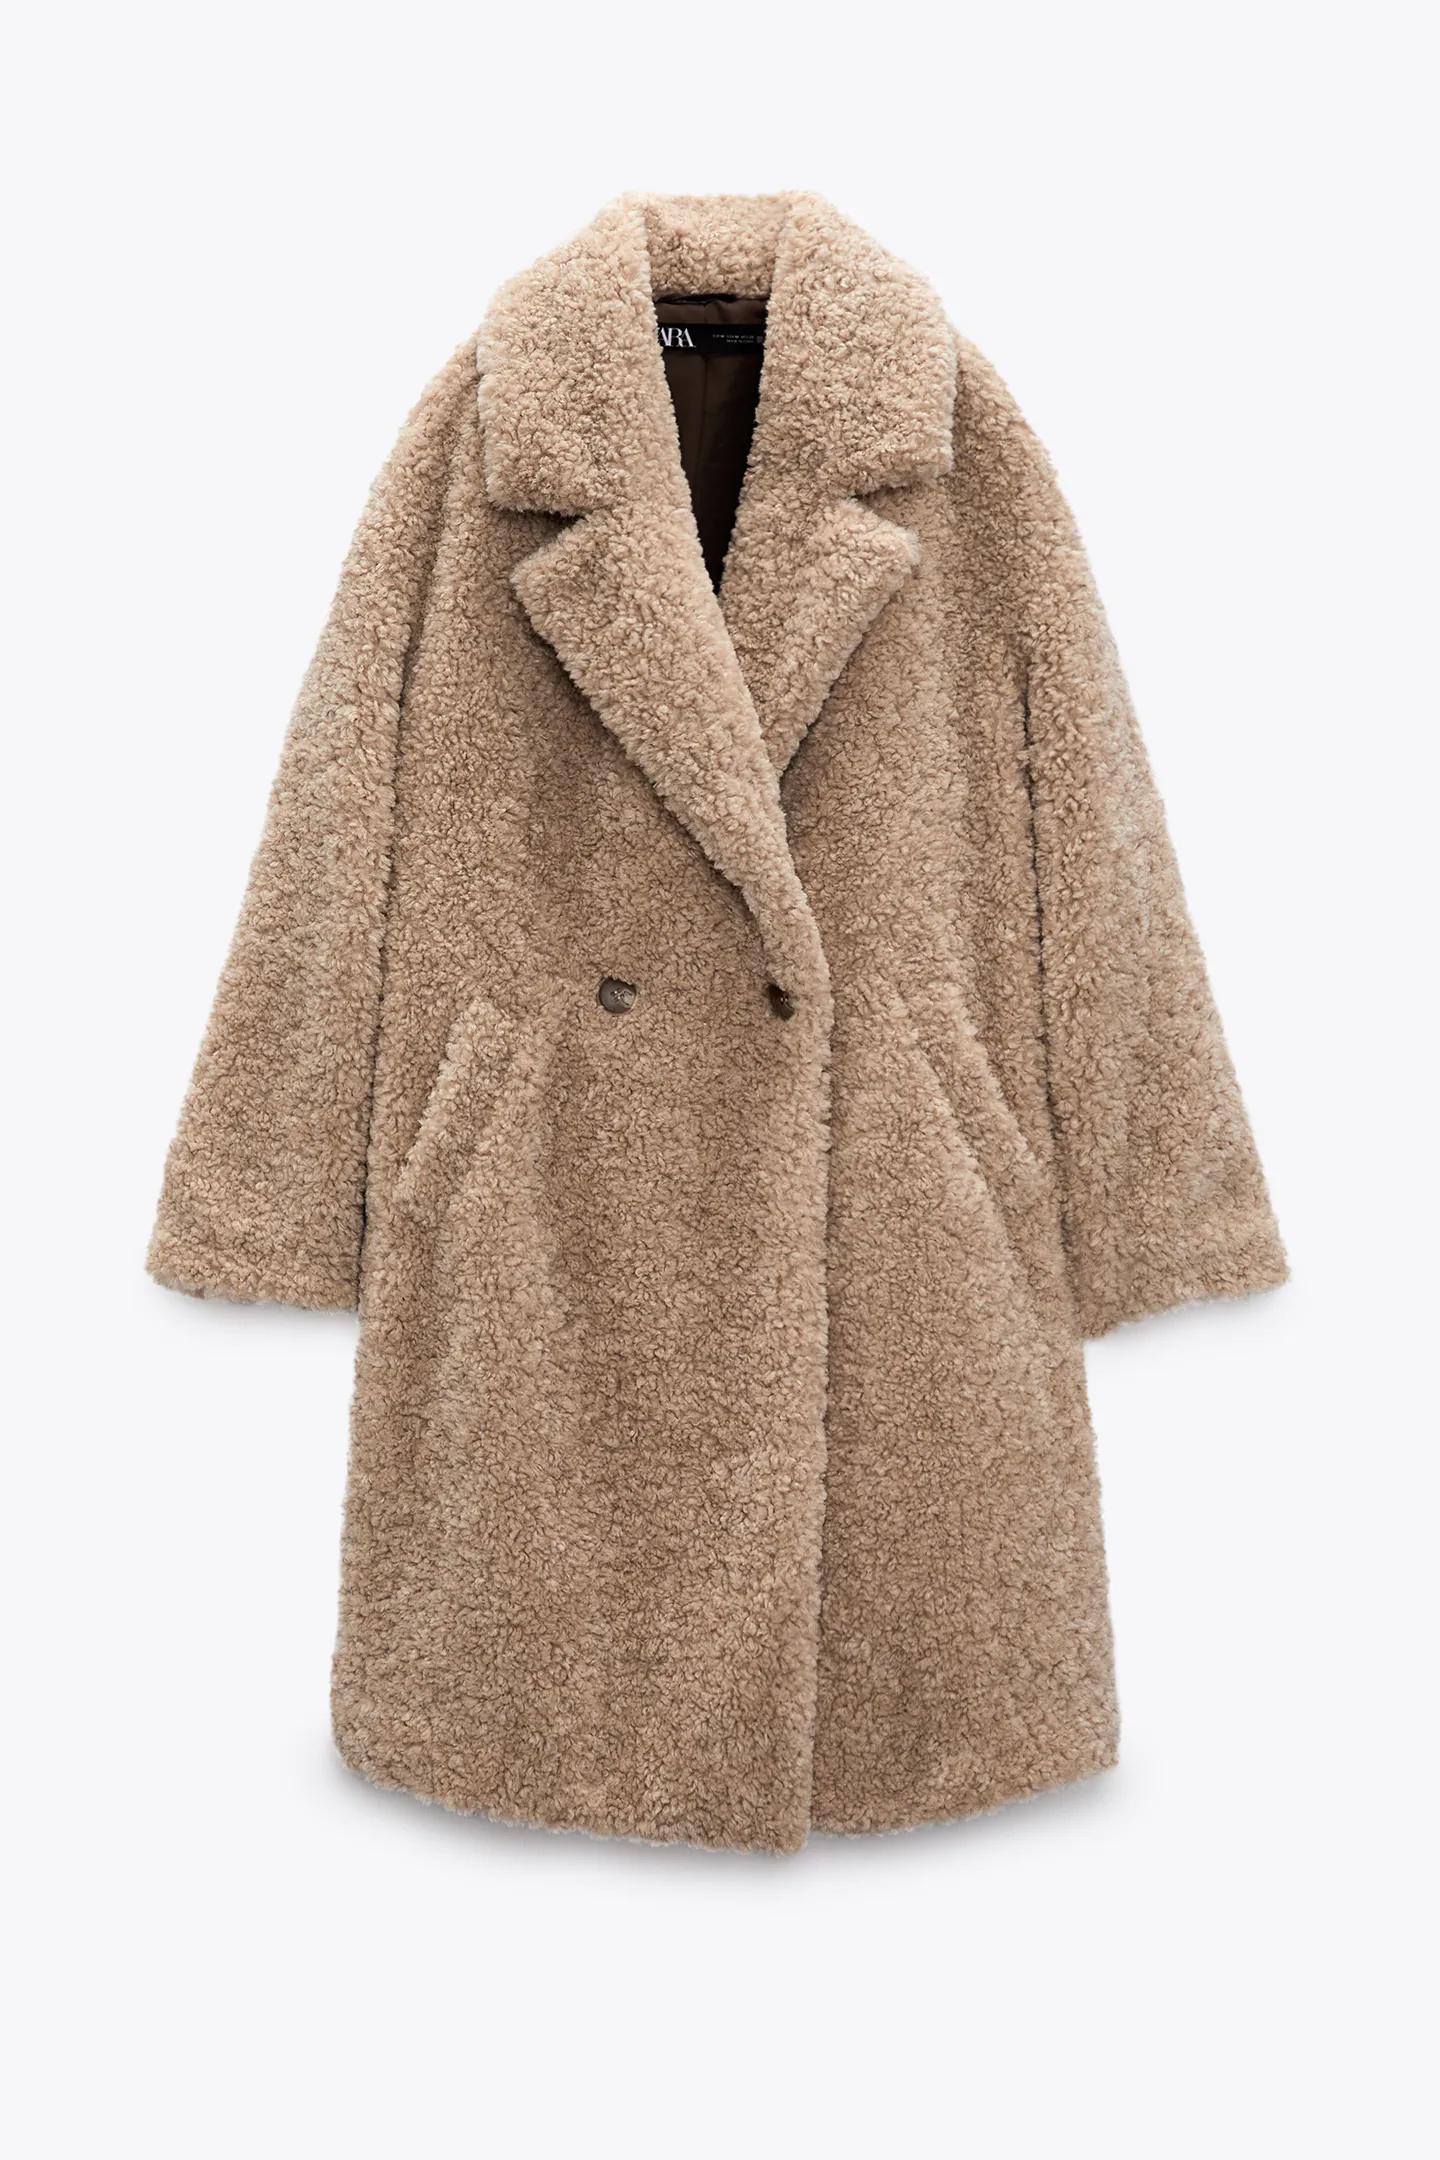 Súmale este abrigo de borreguillo de Zara (59,95 euros).